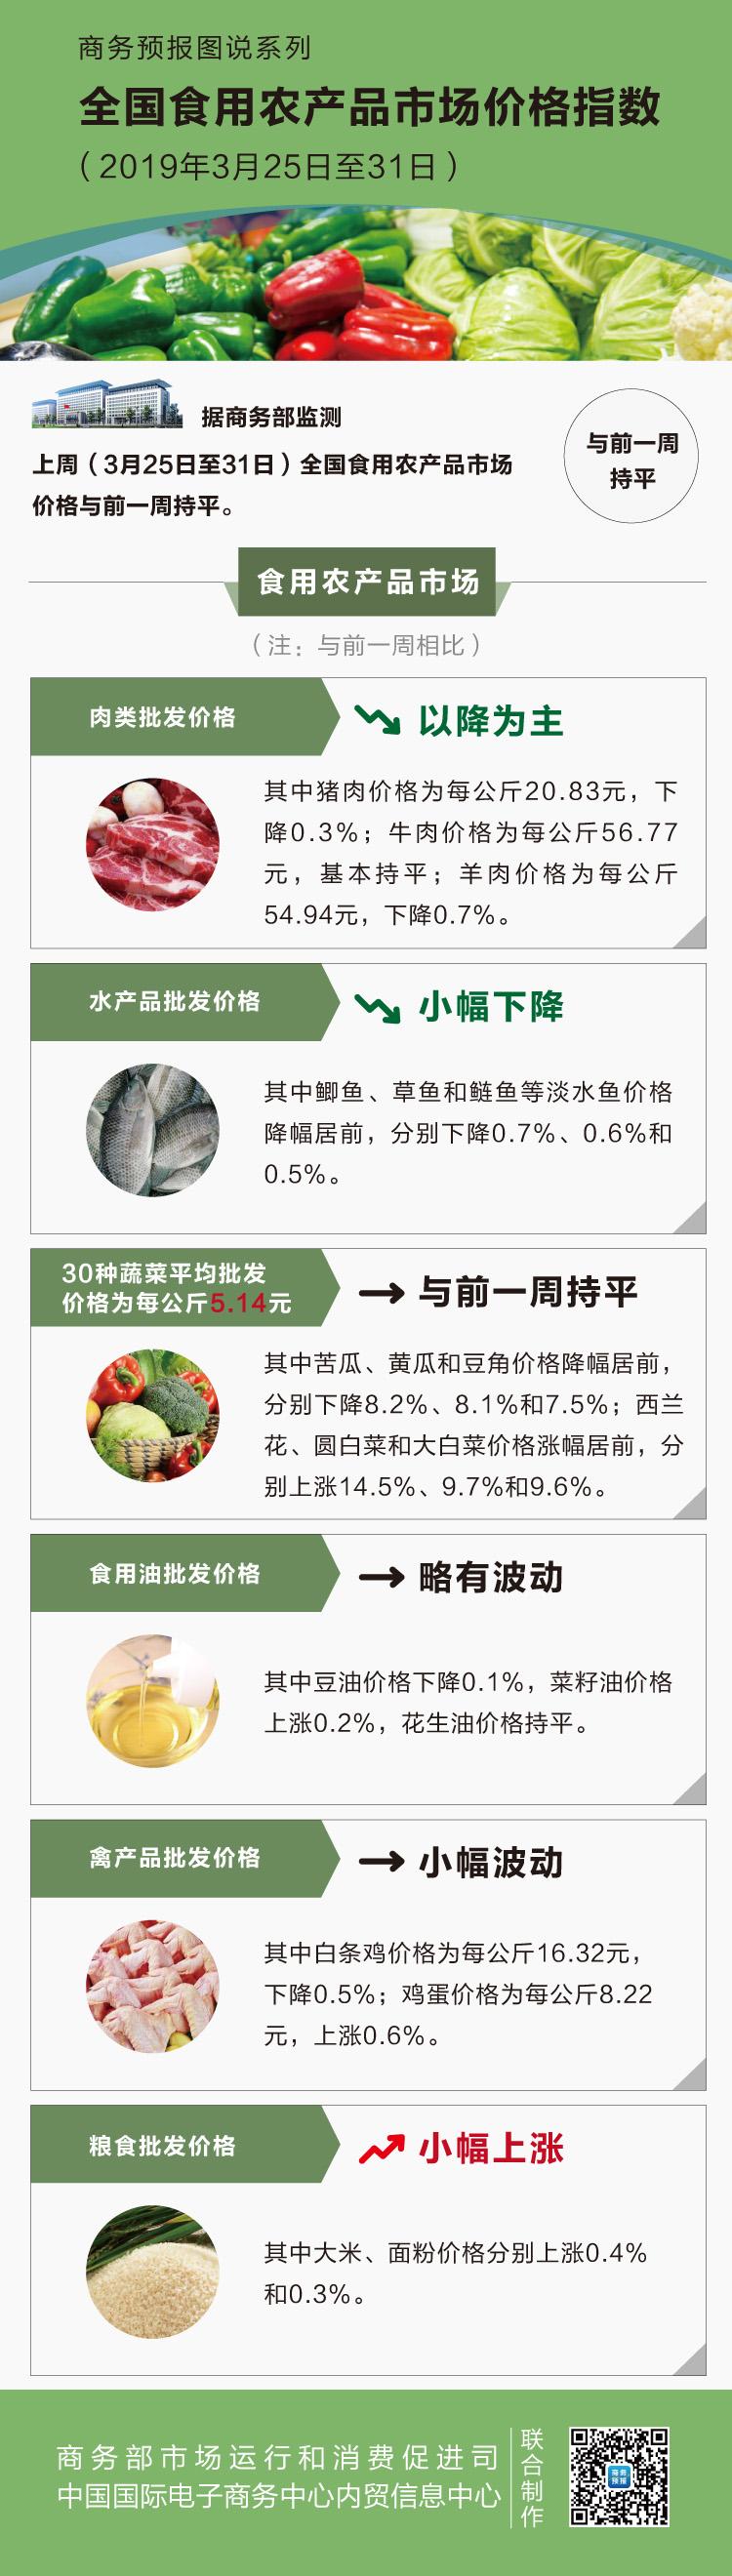 3月第五周食用农产品价格止涨回稳 苦瓜下跌8.2%